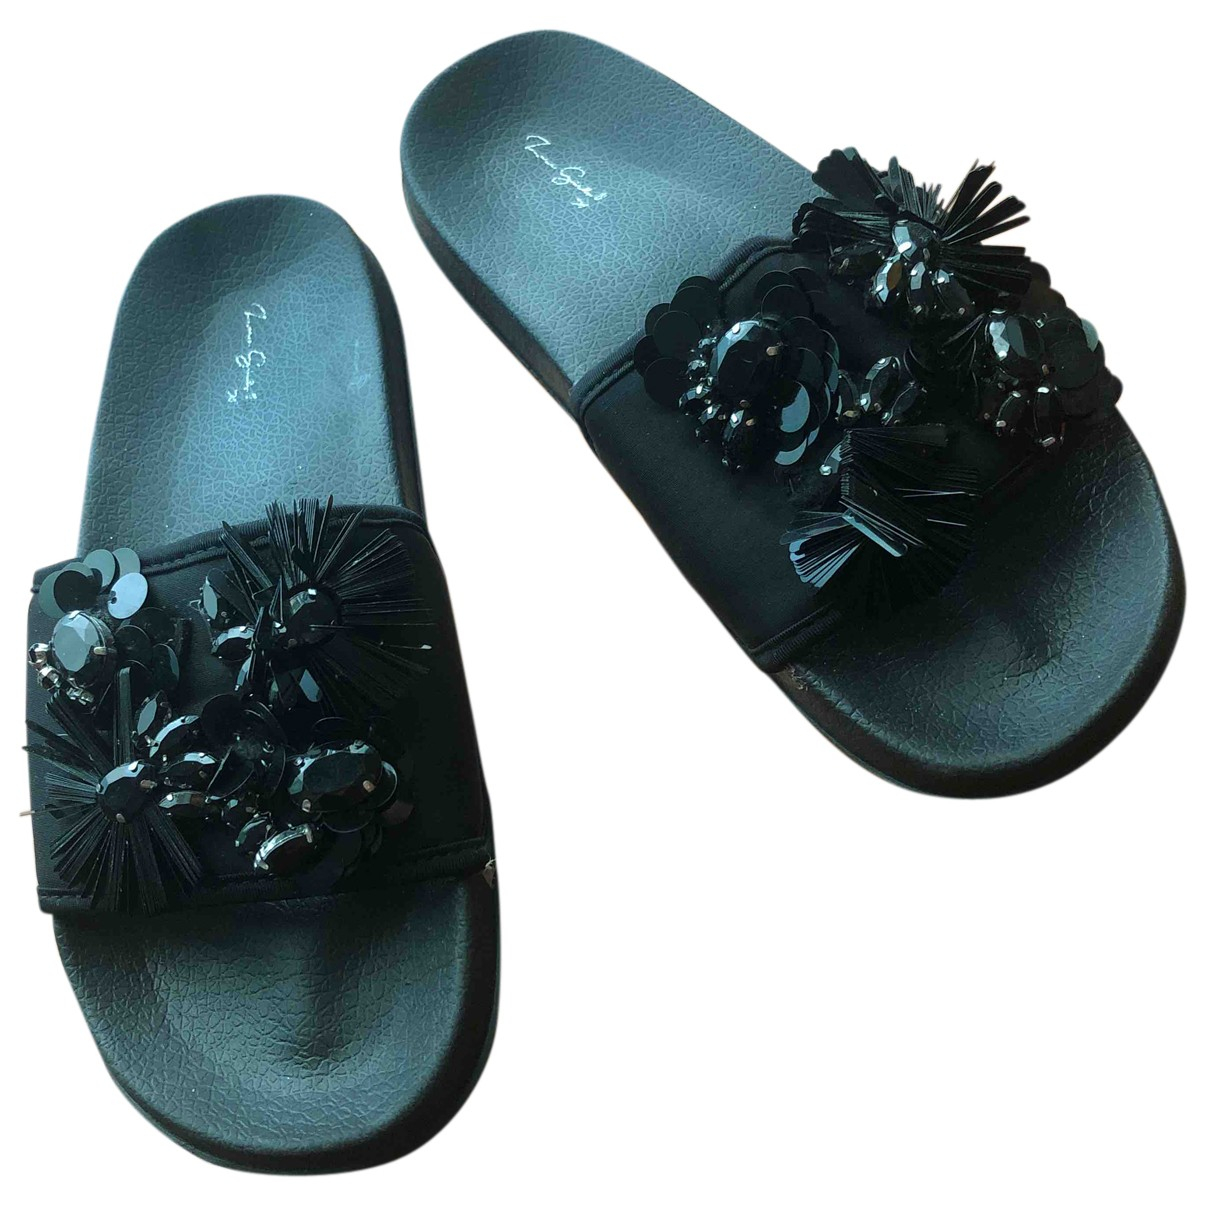 Zara - Chaussons   pour enfant en caoutchouc - noir